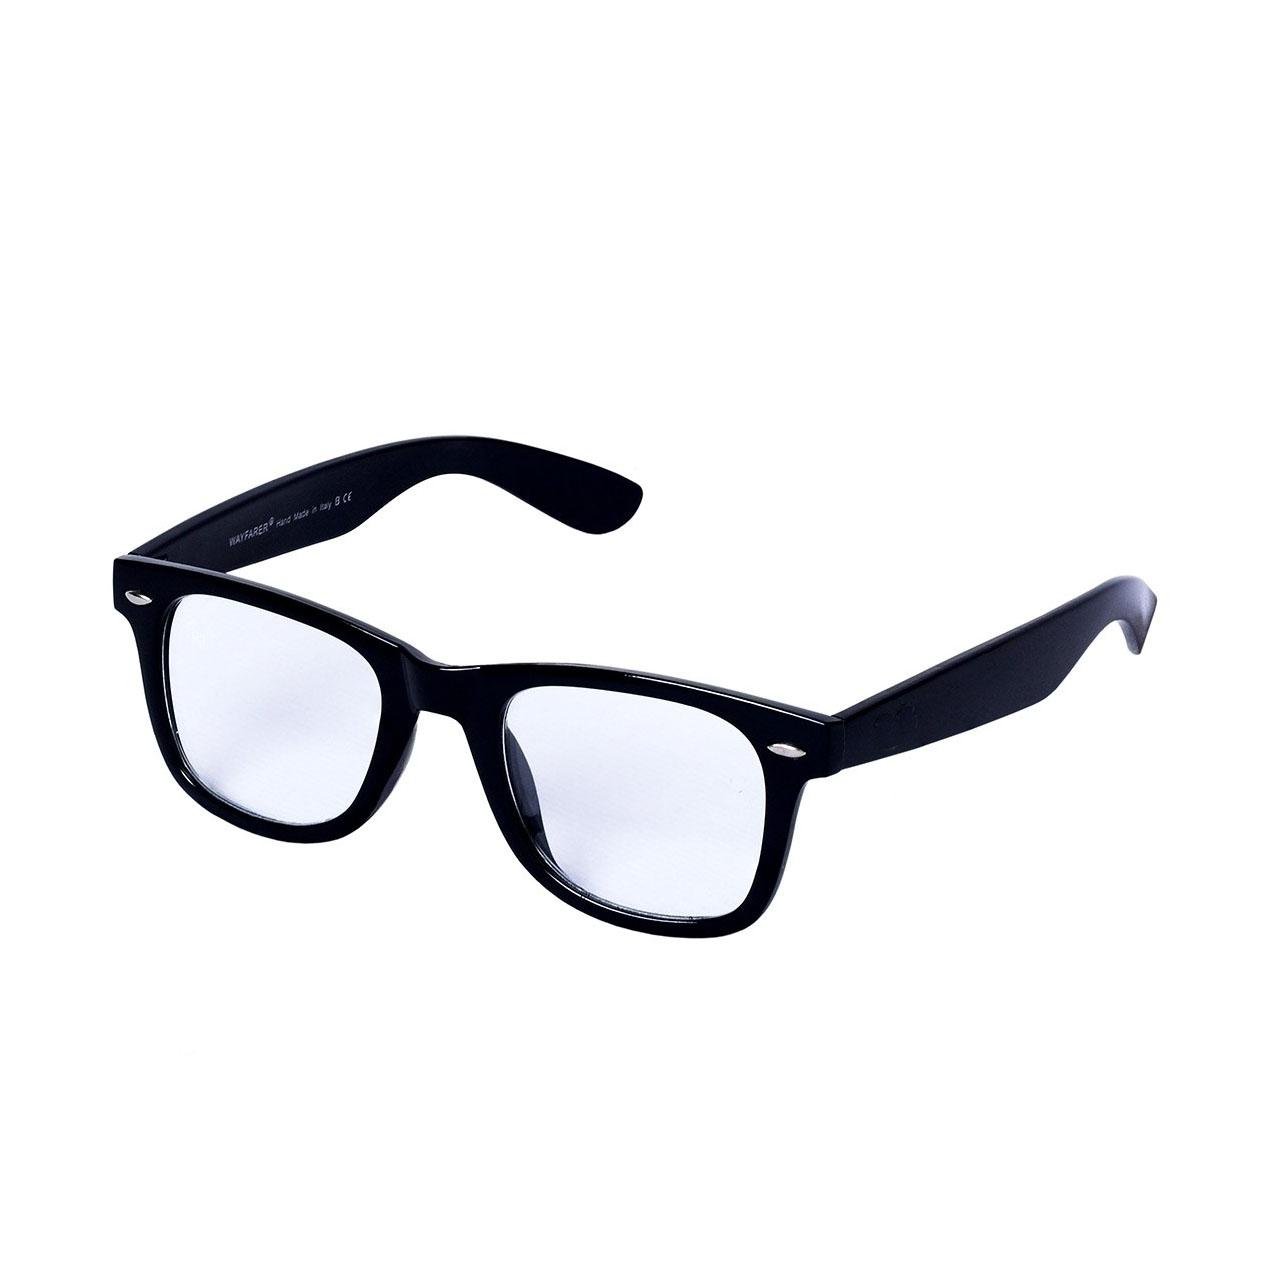 فریم عینک طبی مردانه مدل FY926 Rlei Zhen